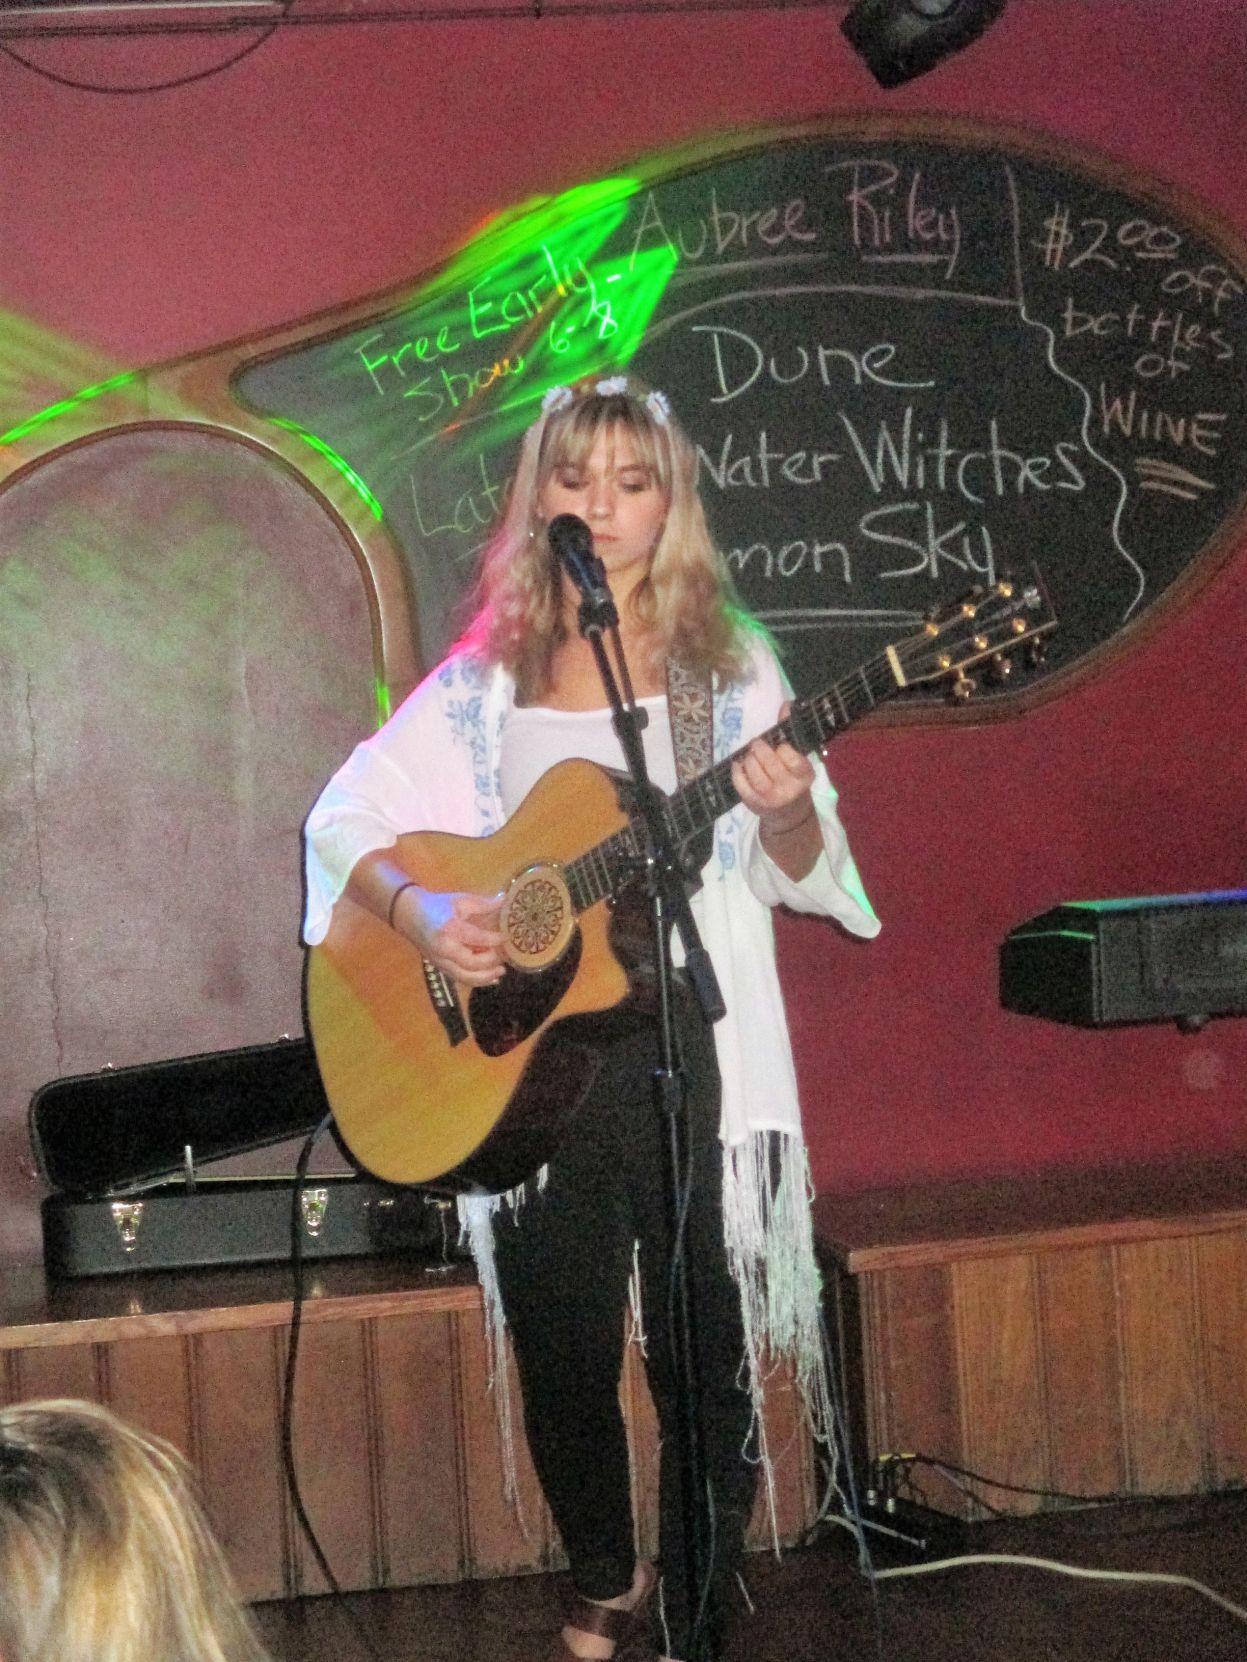 Aubree Riley performs May 11 at the Casa Cantina